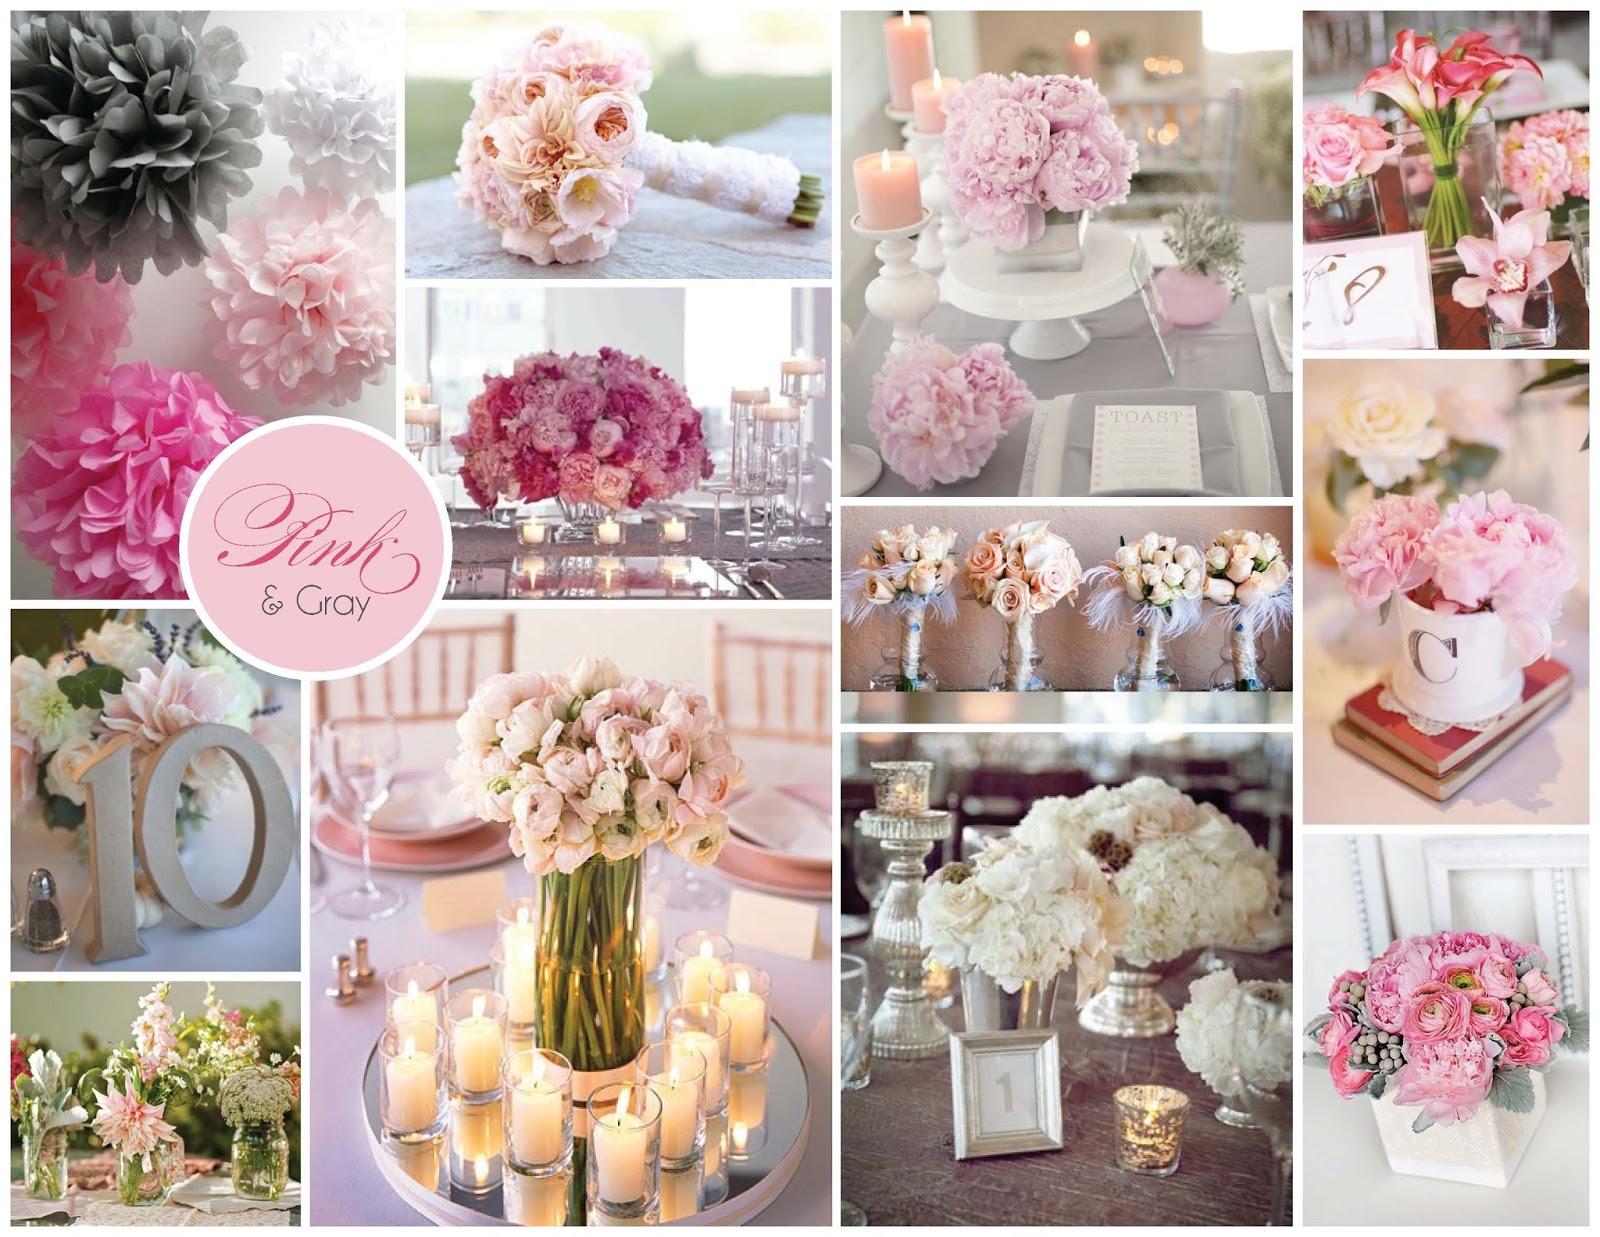 Dany nery decoração rosa e cinza amei